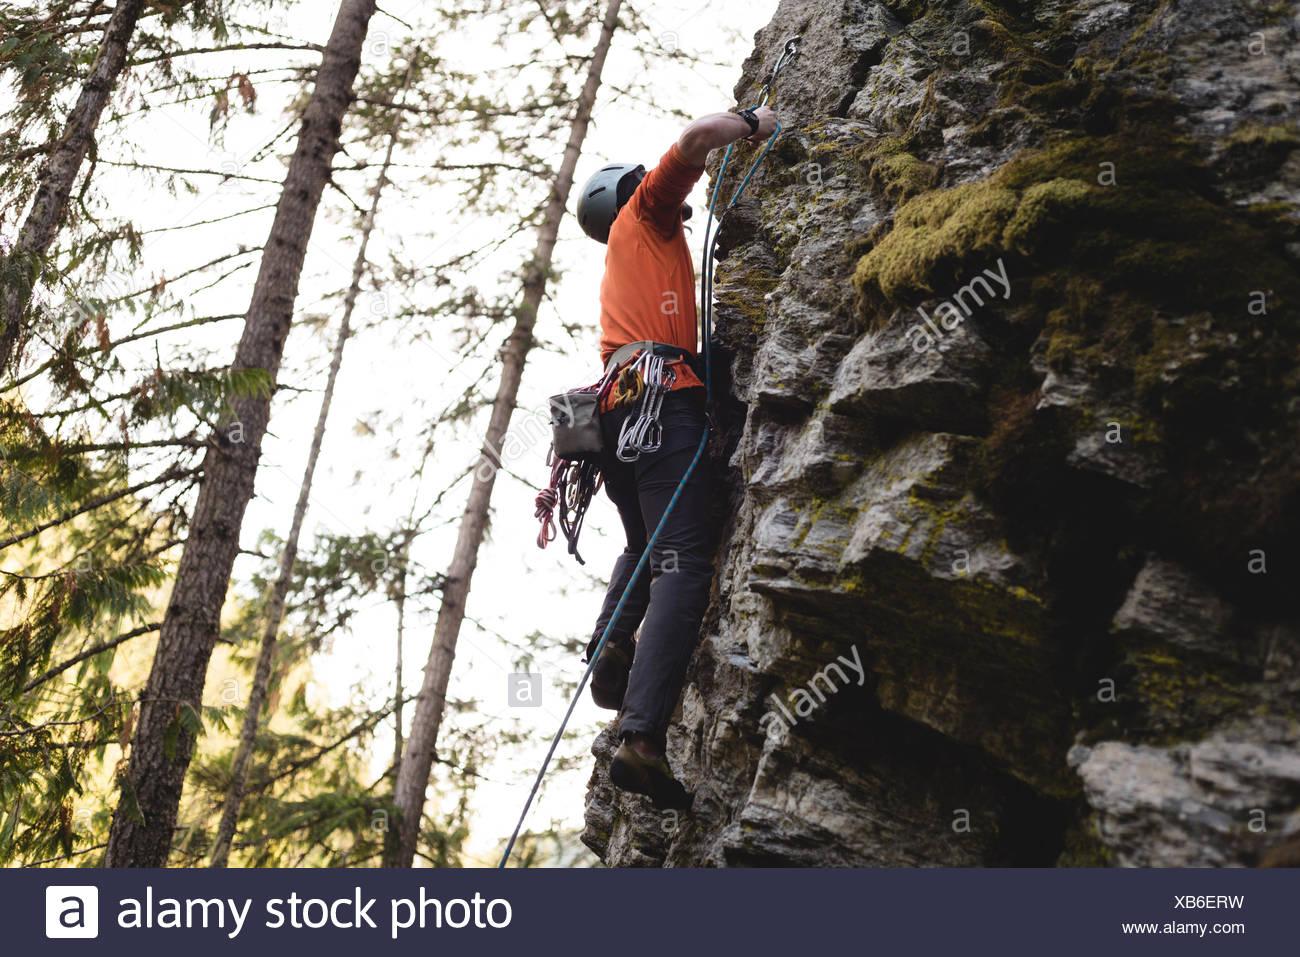 Escalador escalando el acantilado rocoso Imagen De Stock